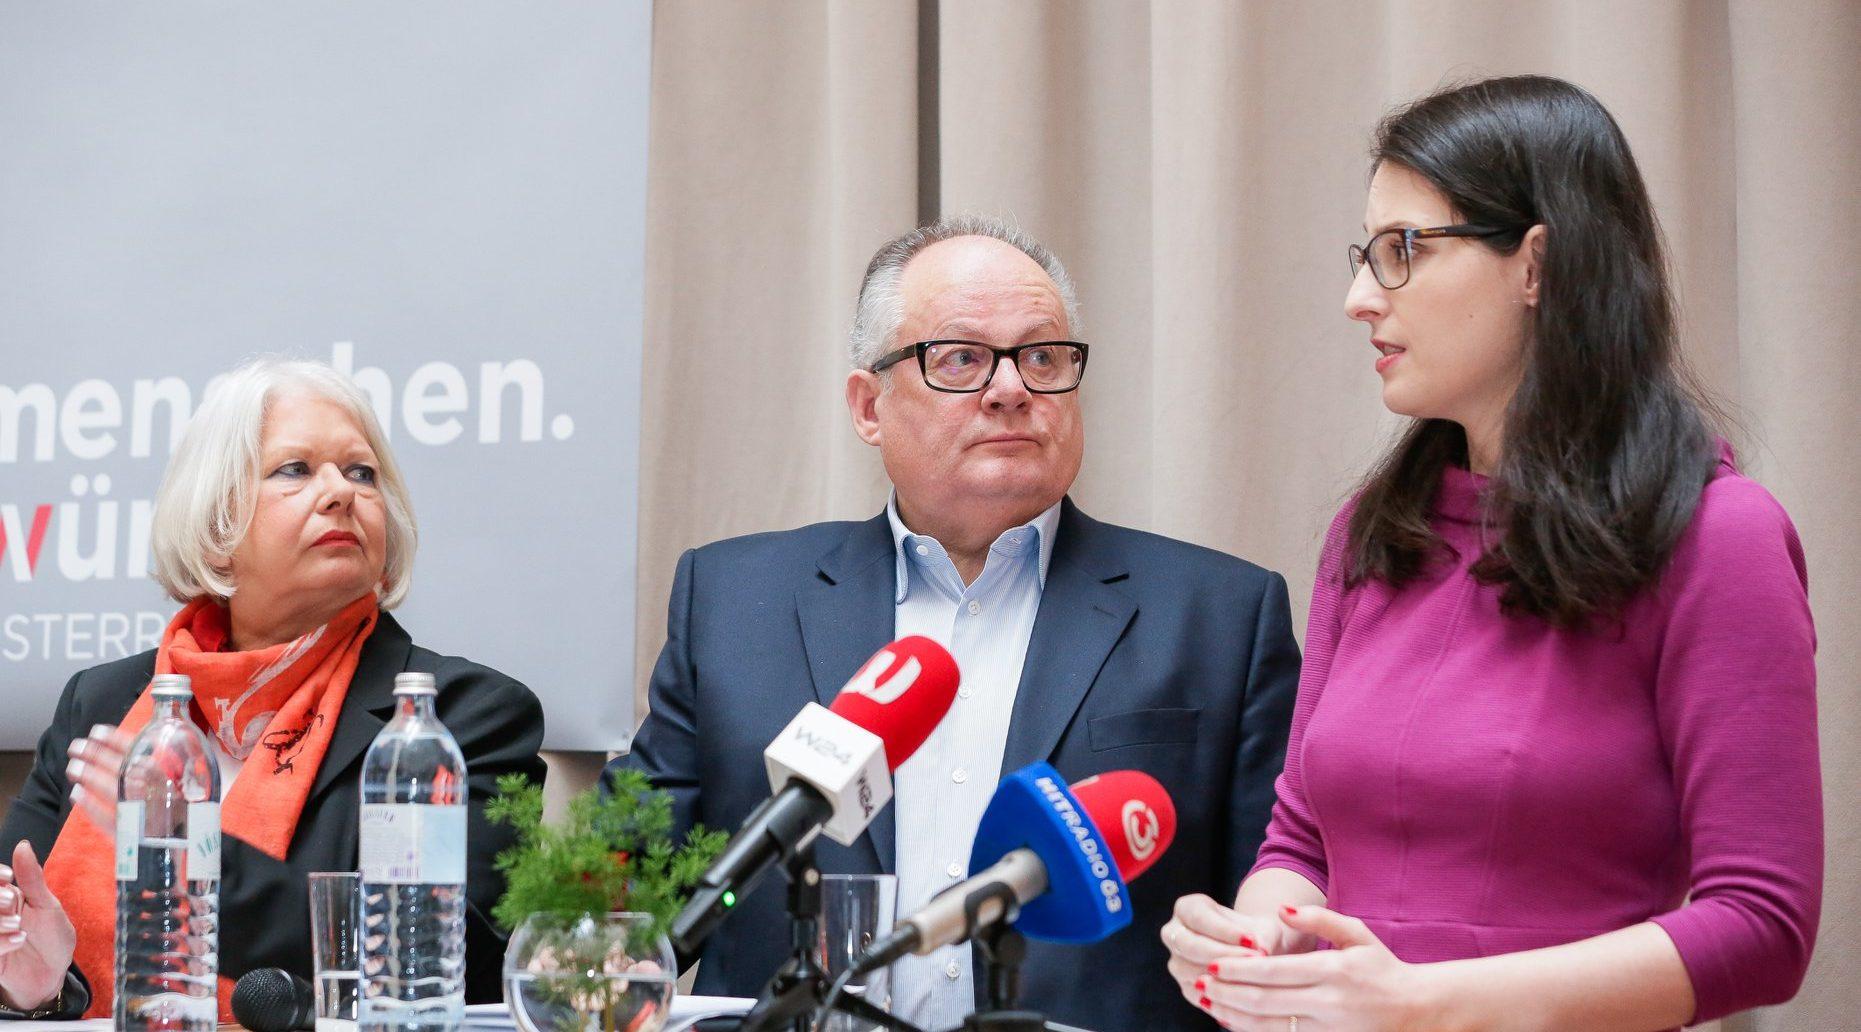 Pressekonferenz Menschenwürde Österreich